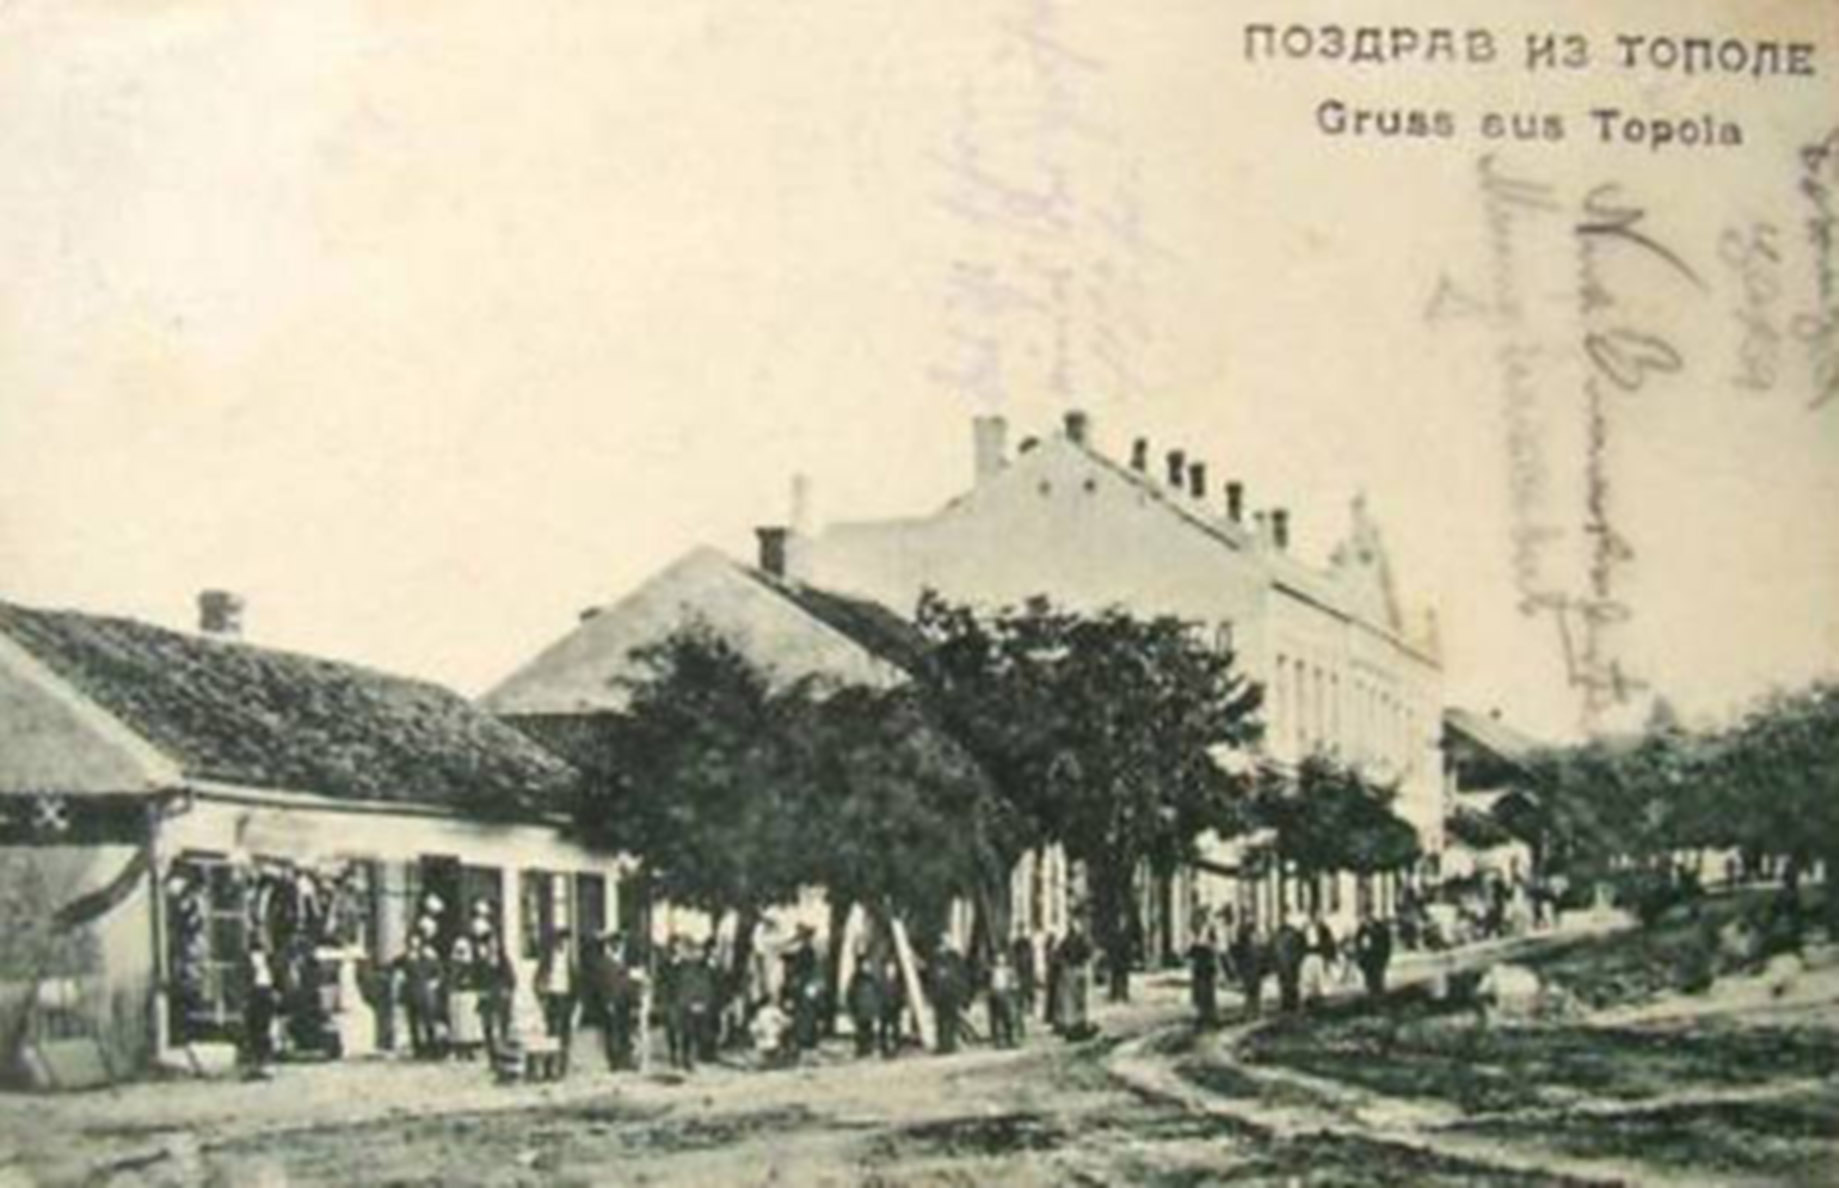 Топола, Сербия